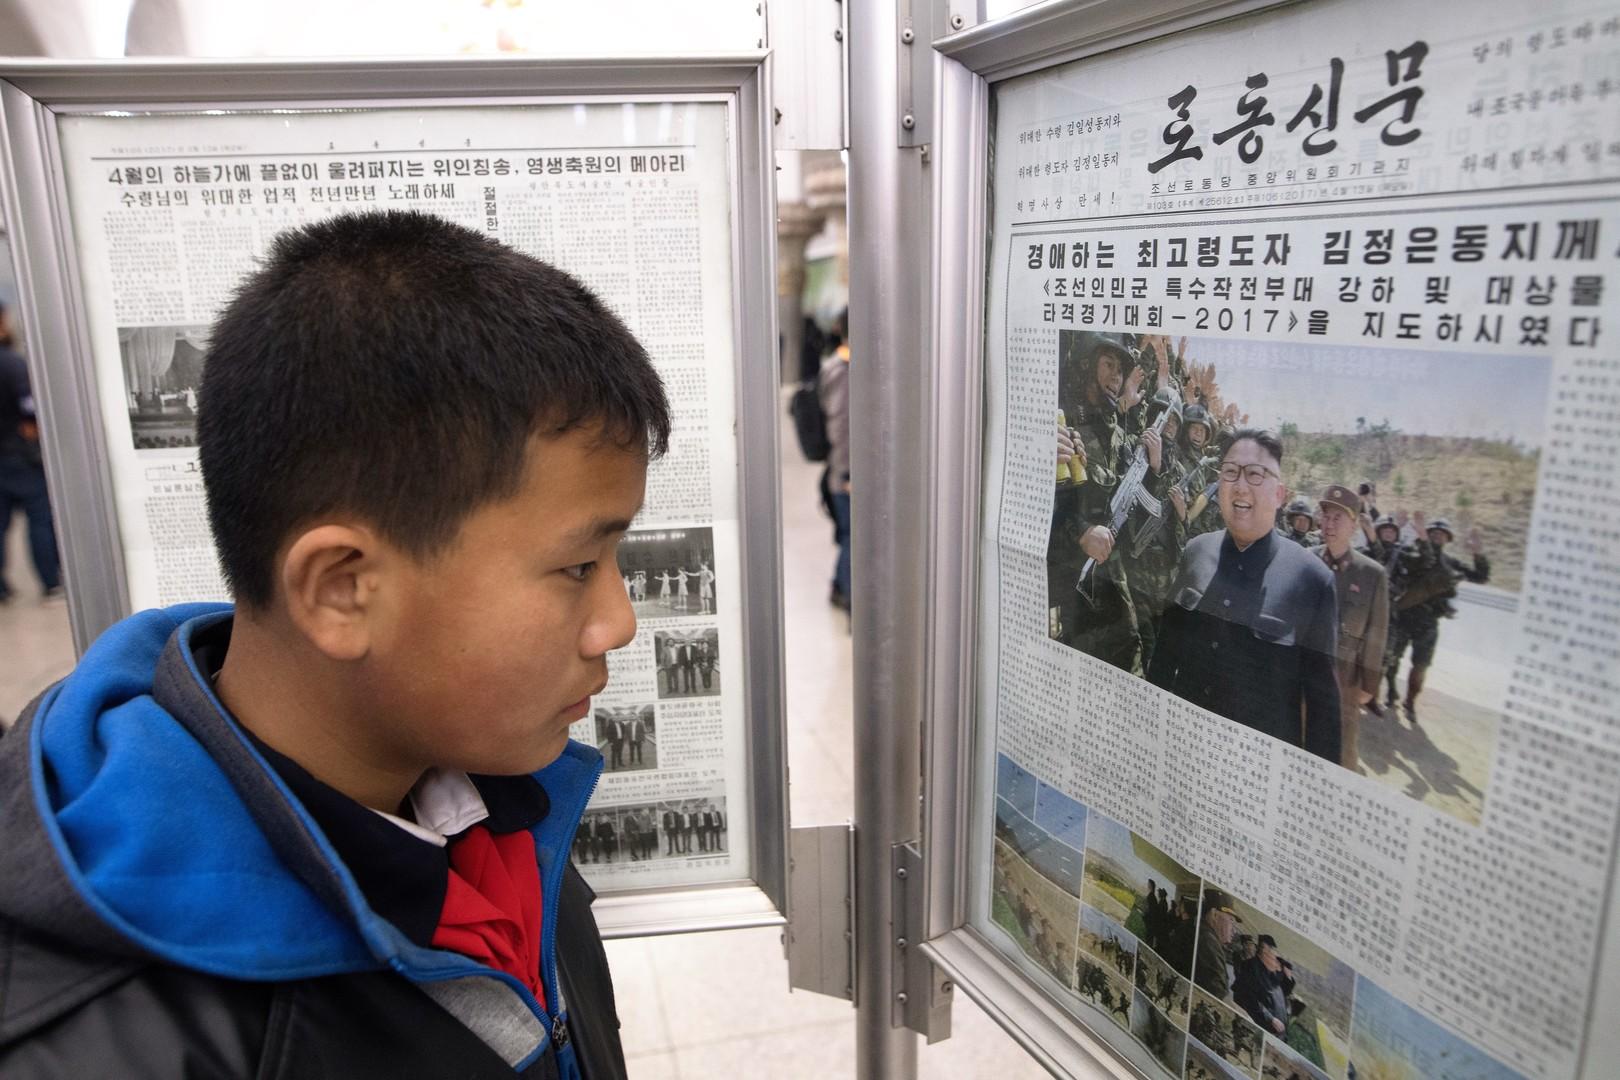 Ein Schüler vor dem Zeitungsständer in der Metro in Pjöngjang, 14. April 2017.